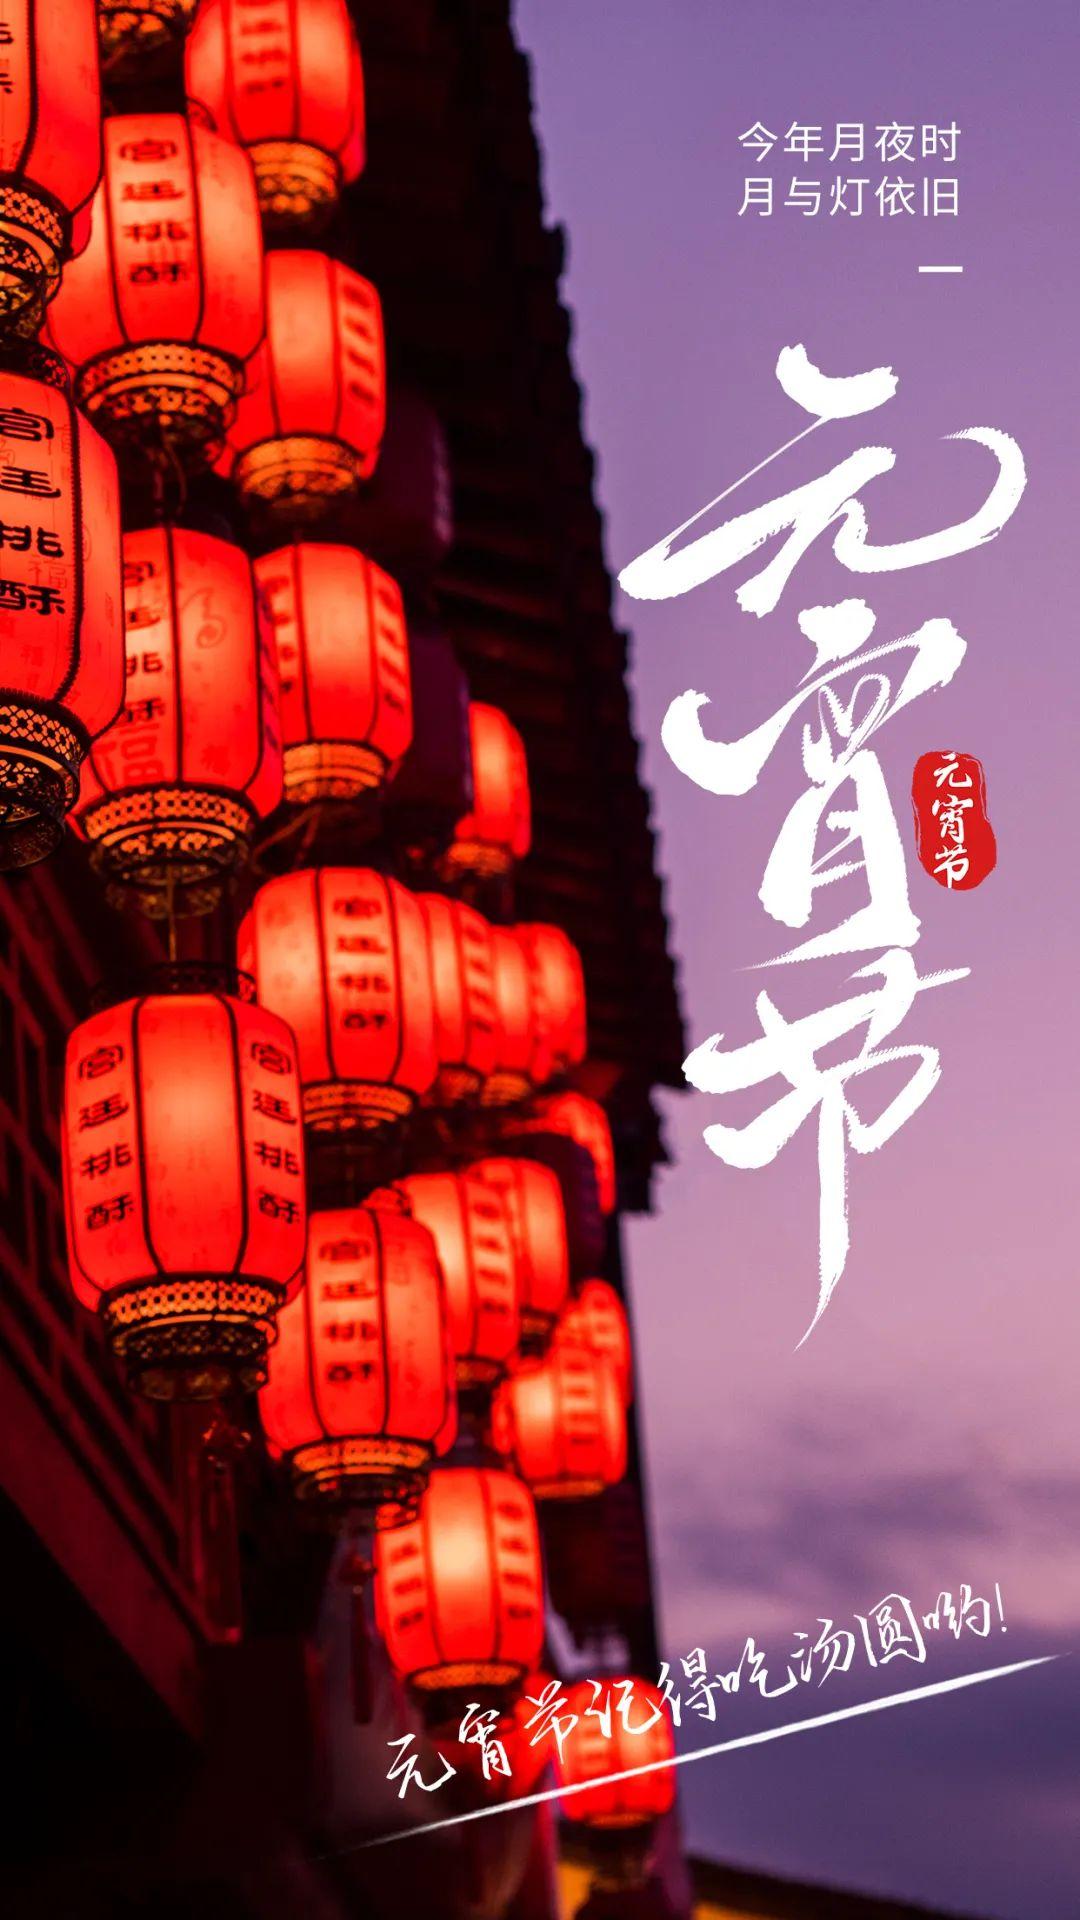 元宵节配图图片海报大全简单带字,元宵节文案句子